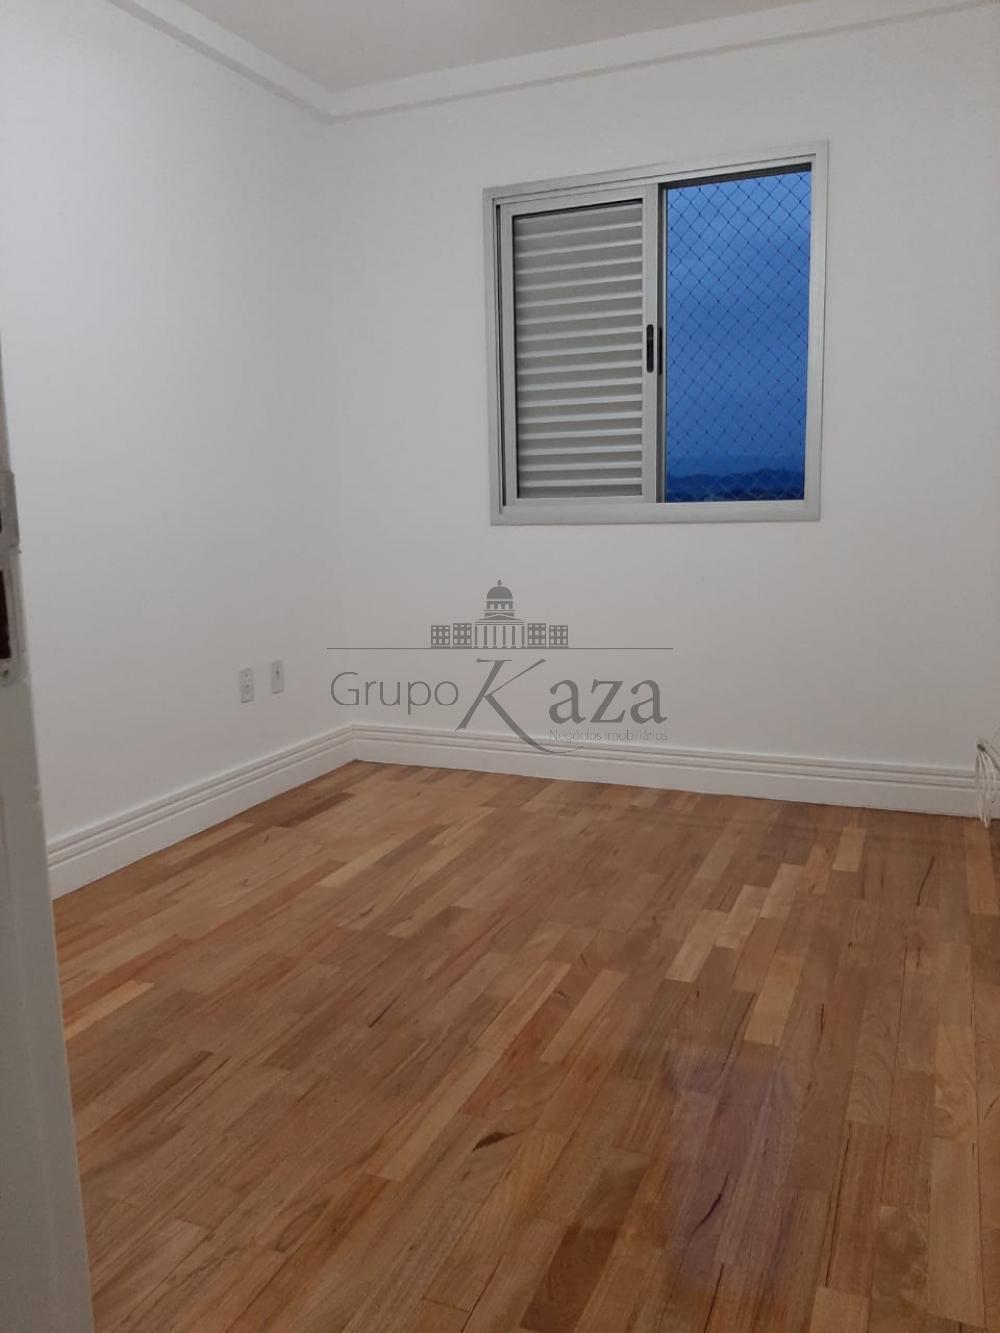 alt='Comprar Apartamento / Padrão em São José dos Campos R$ 380.000,00 - Foto 10' title='Comprar Apartamento / Padrão em São José dos Campos R$ 380.000,00 - Foto 10'